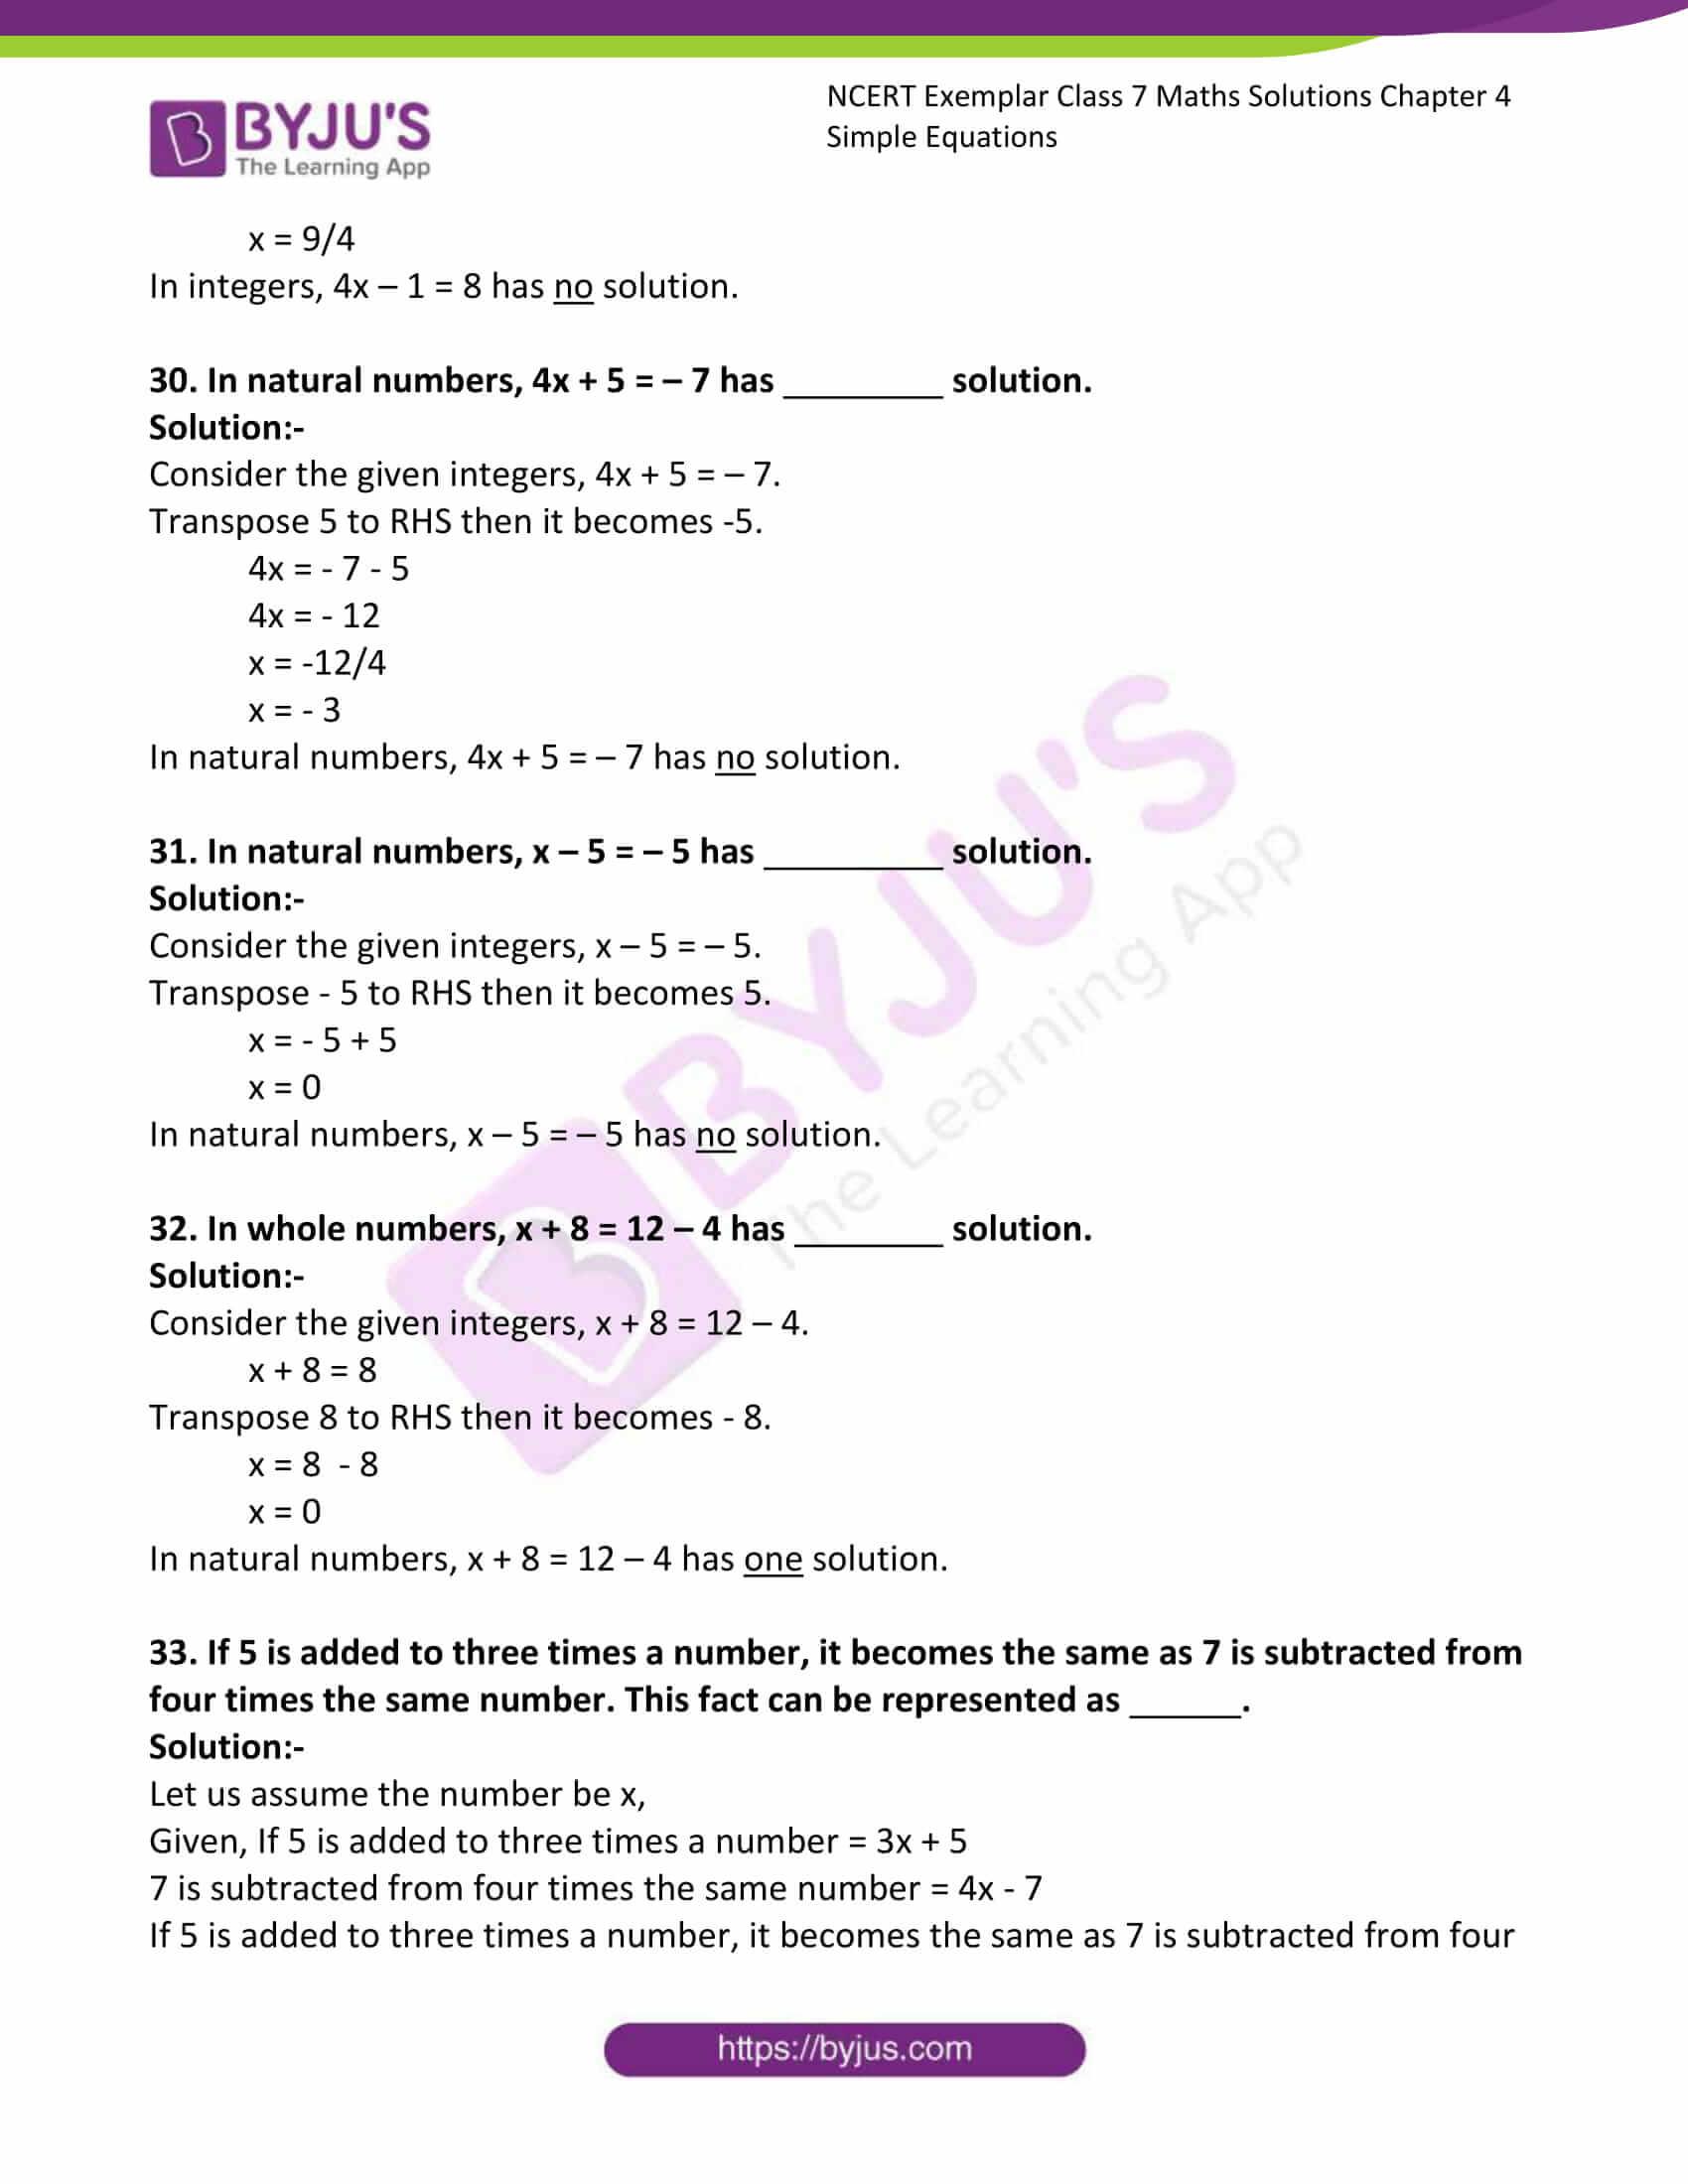 ncert exemplar class 7 maths solutions chapter 4 12